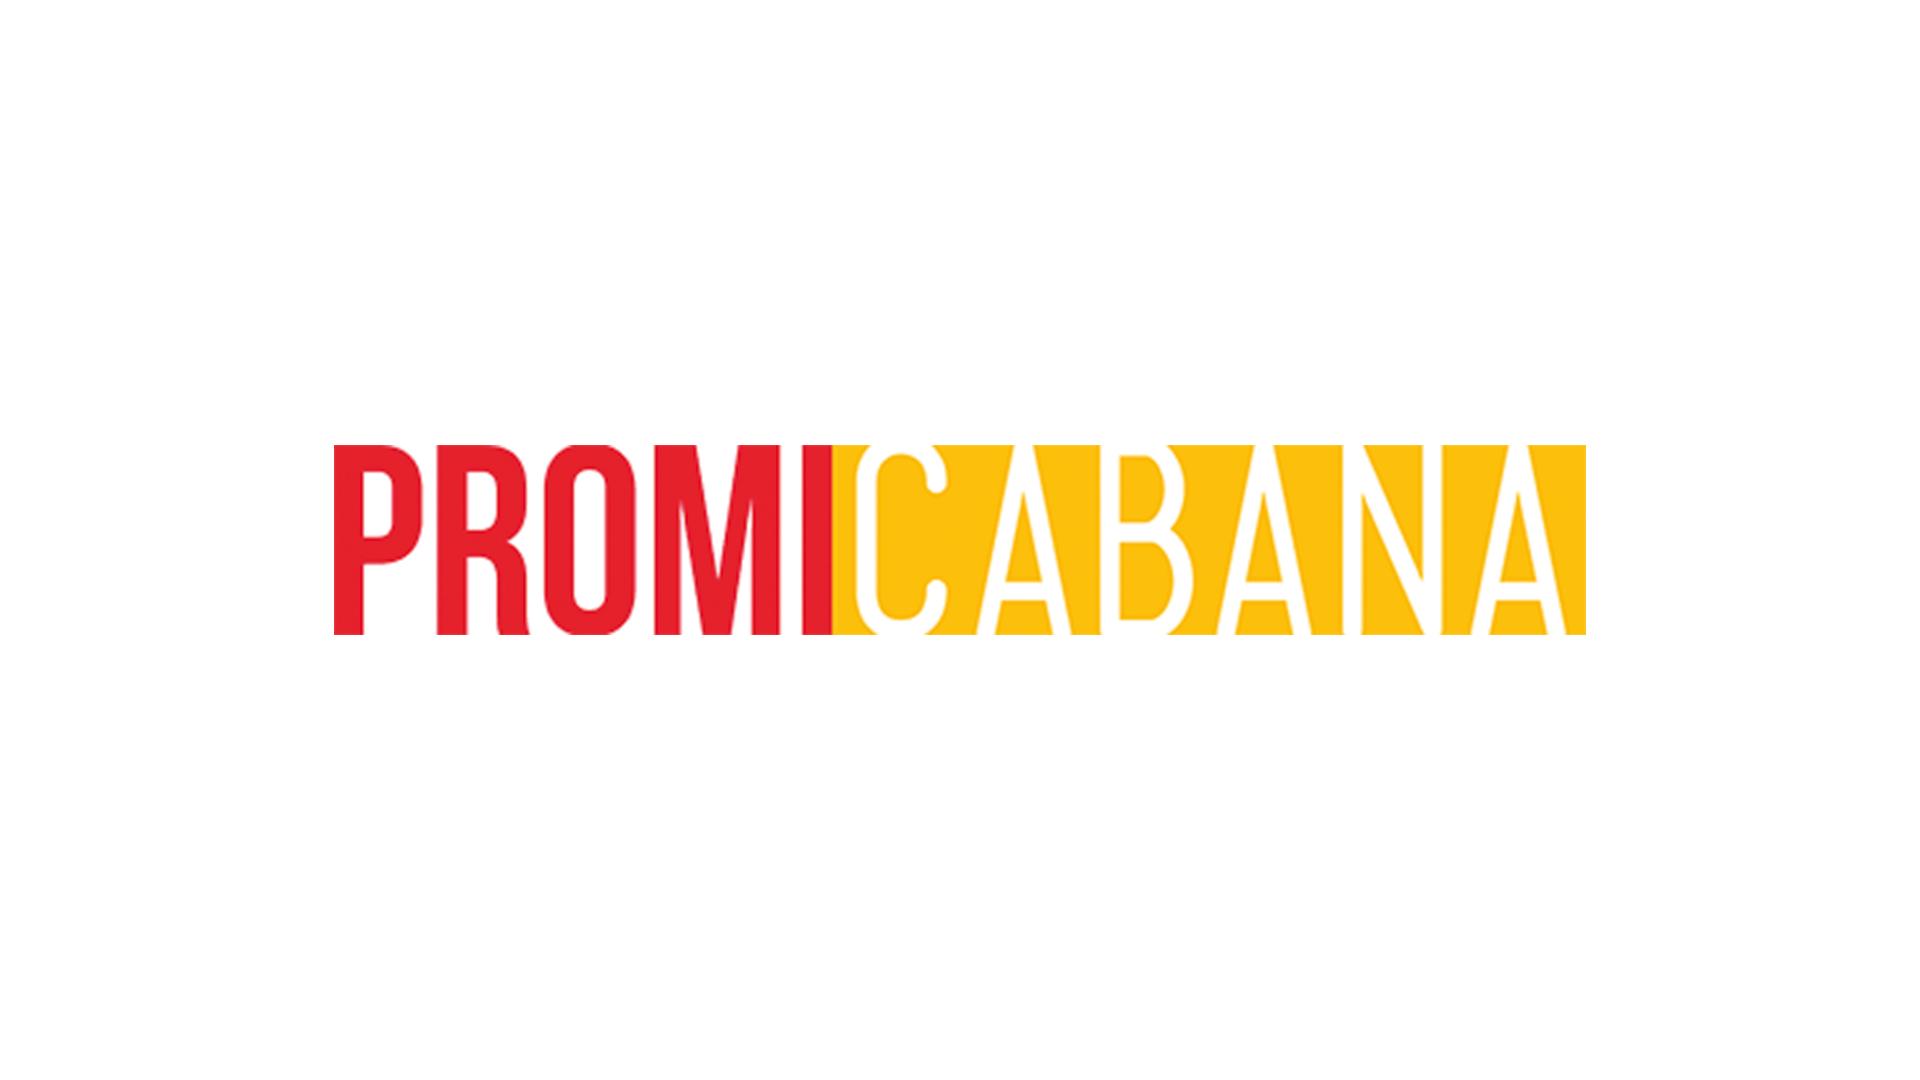 Taylor-Lautner-Regis-Kelly